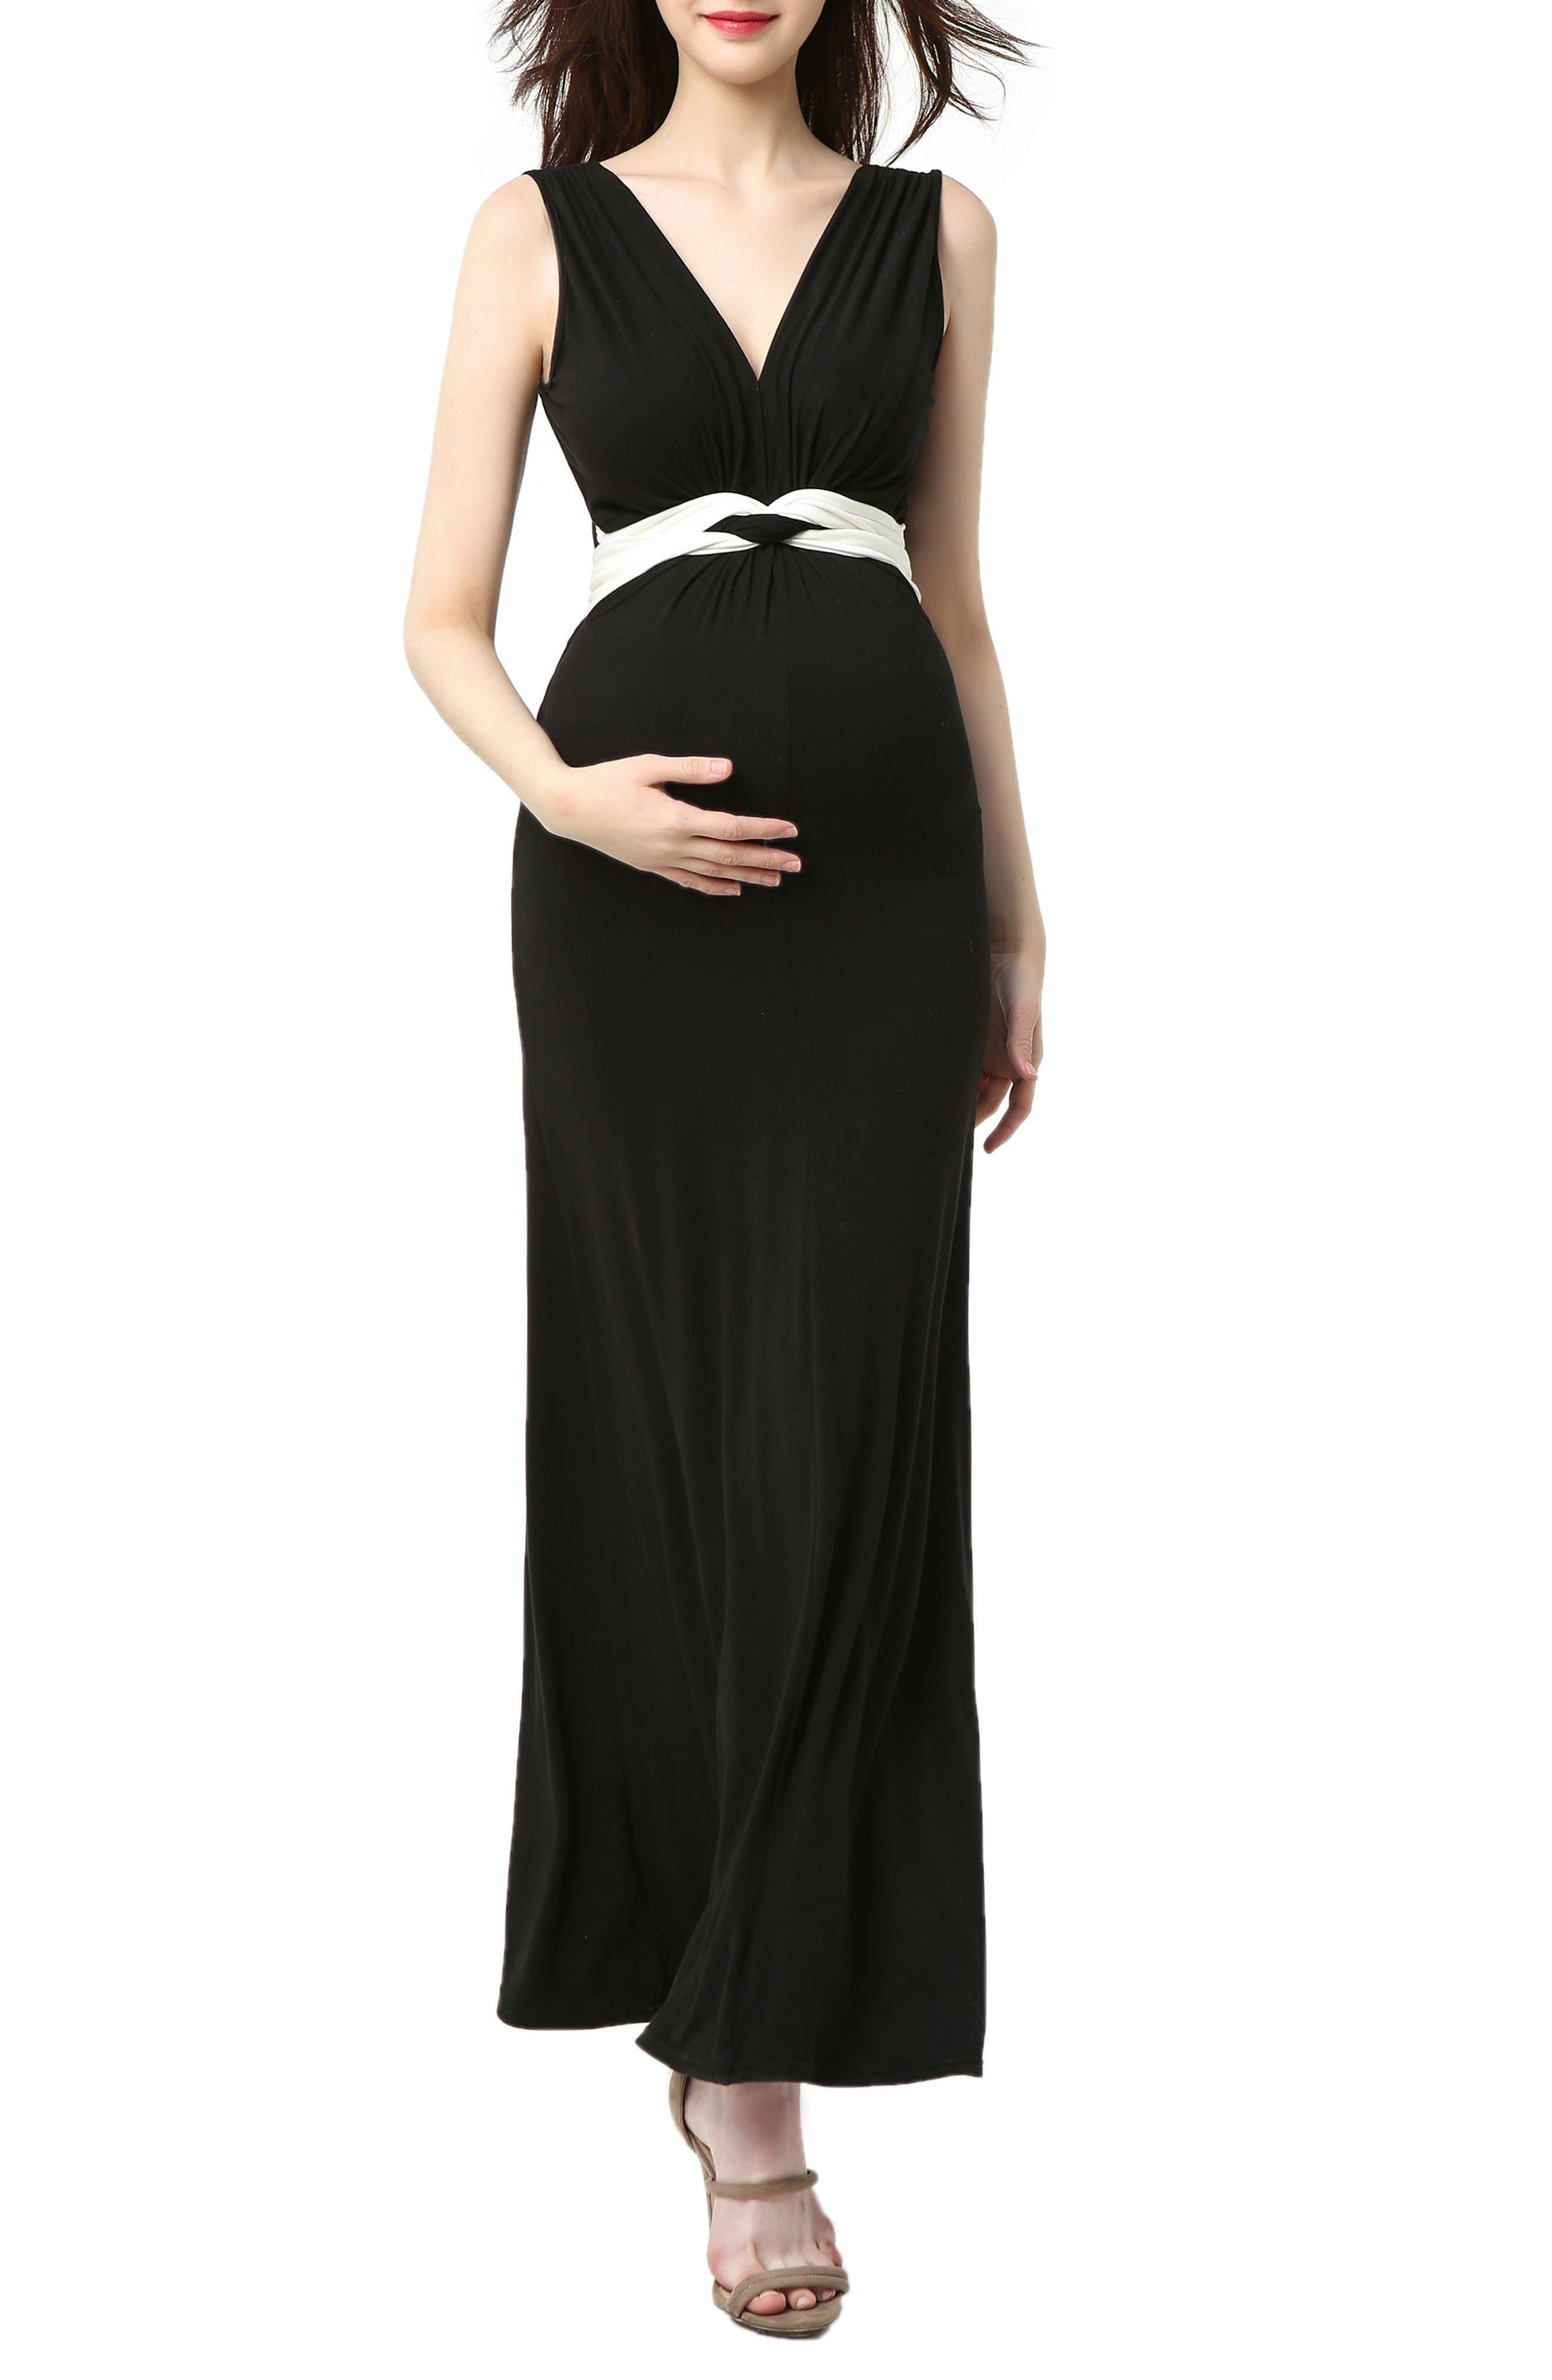 Scarlett Maternity Maxi Dress,                             Main thumbnail 1, color,                             BLACK/ WHITE